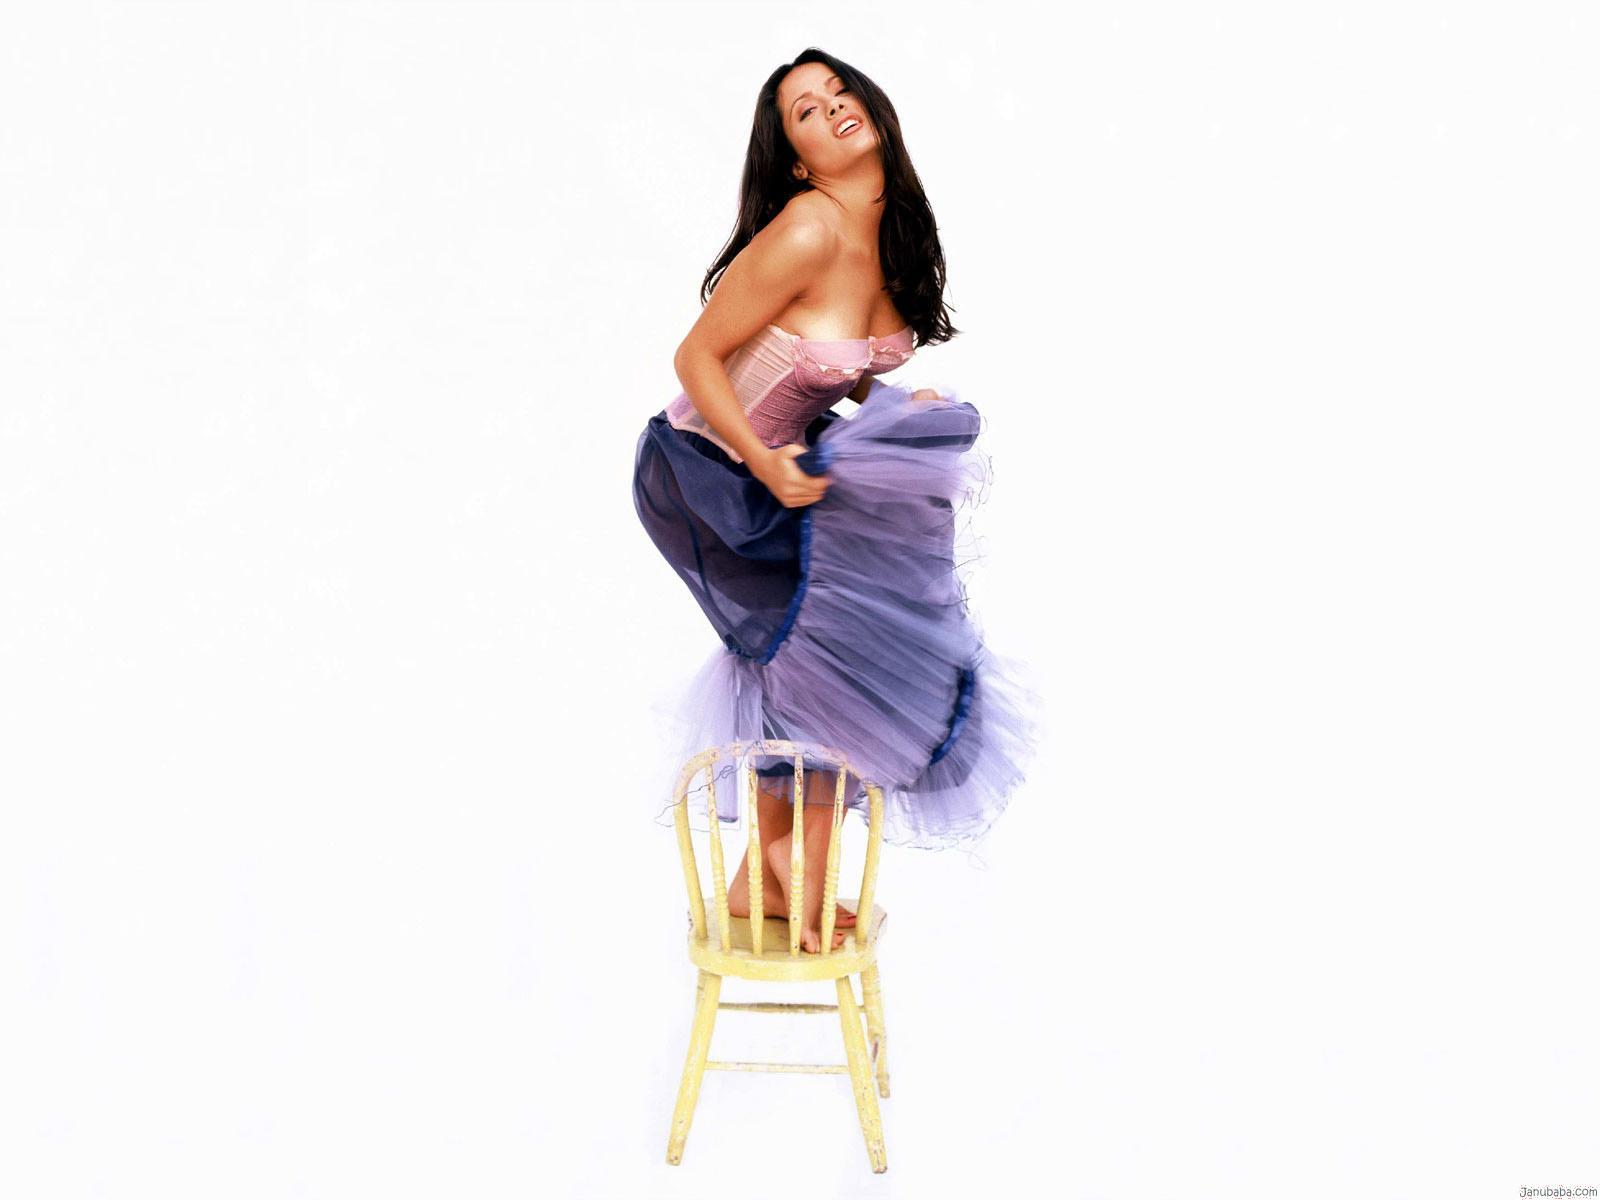 http://2.bp.blogspot.com/-jsu-9dvA7Es/UFMoRWaV_hI/AAAAAAAABZs/H81cc-NFWUM/s1600/salma+hayek+wallpaper+015.jpg